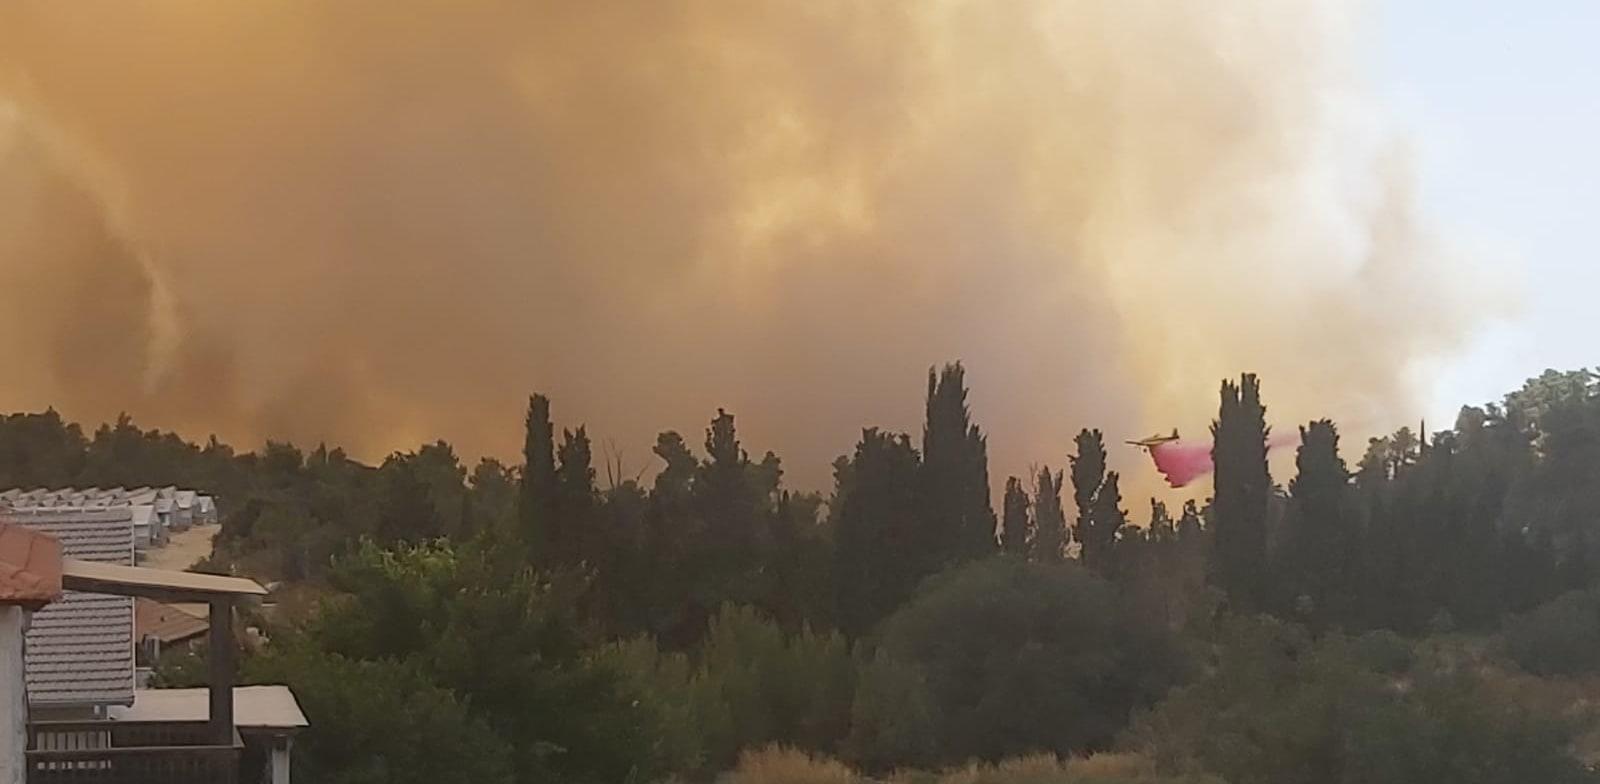 שריפה בקרבת המסילה באיזור שער הגיא / צילום: דני זקן